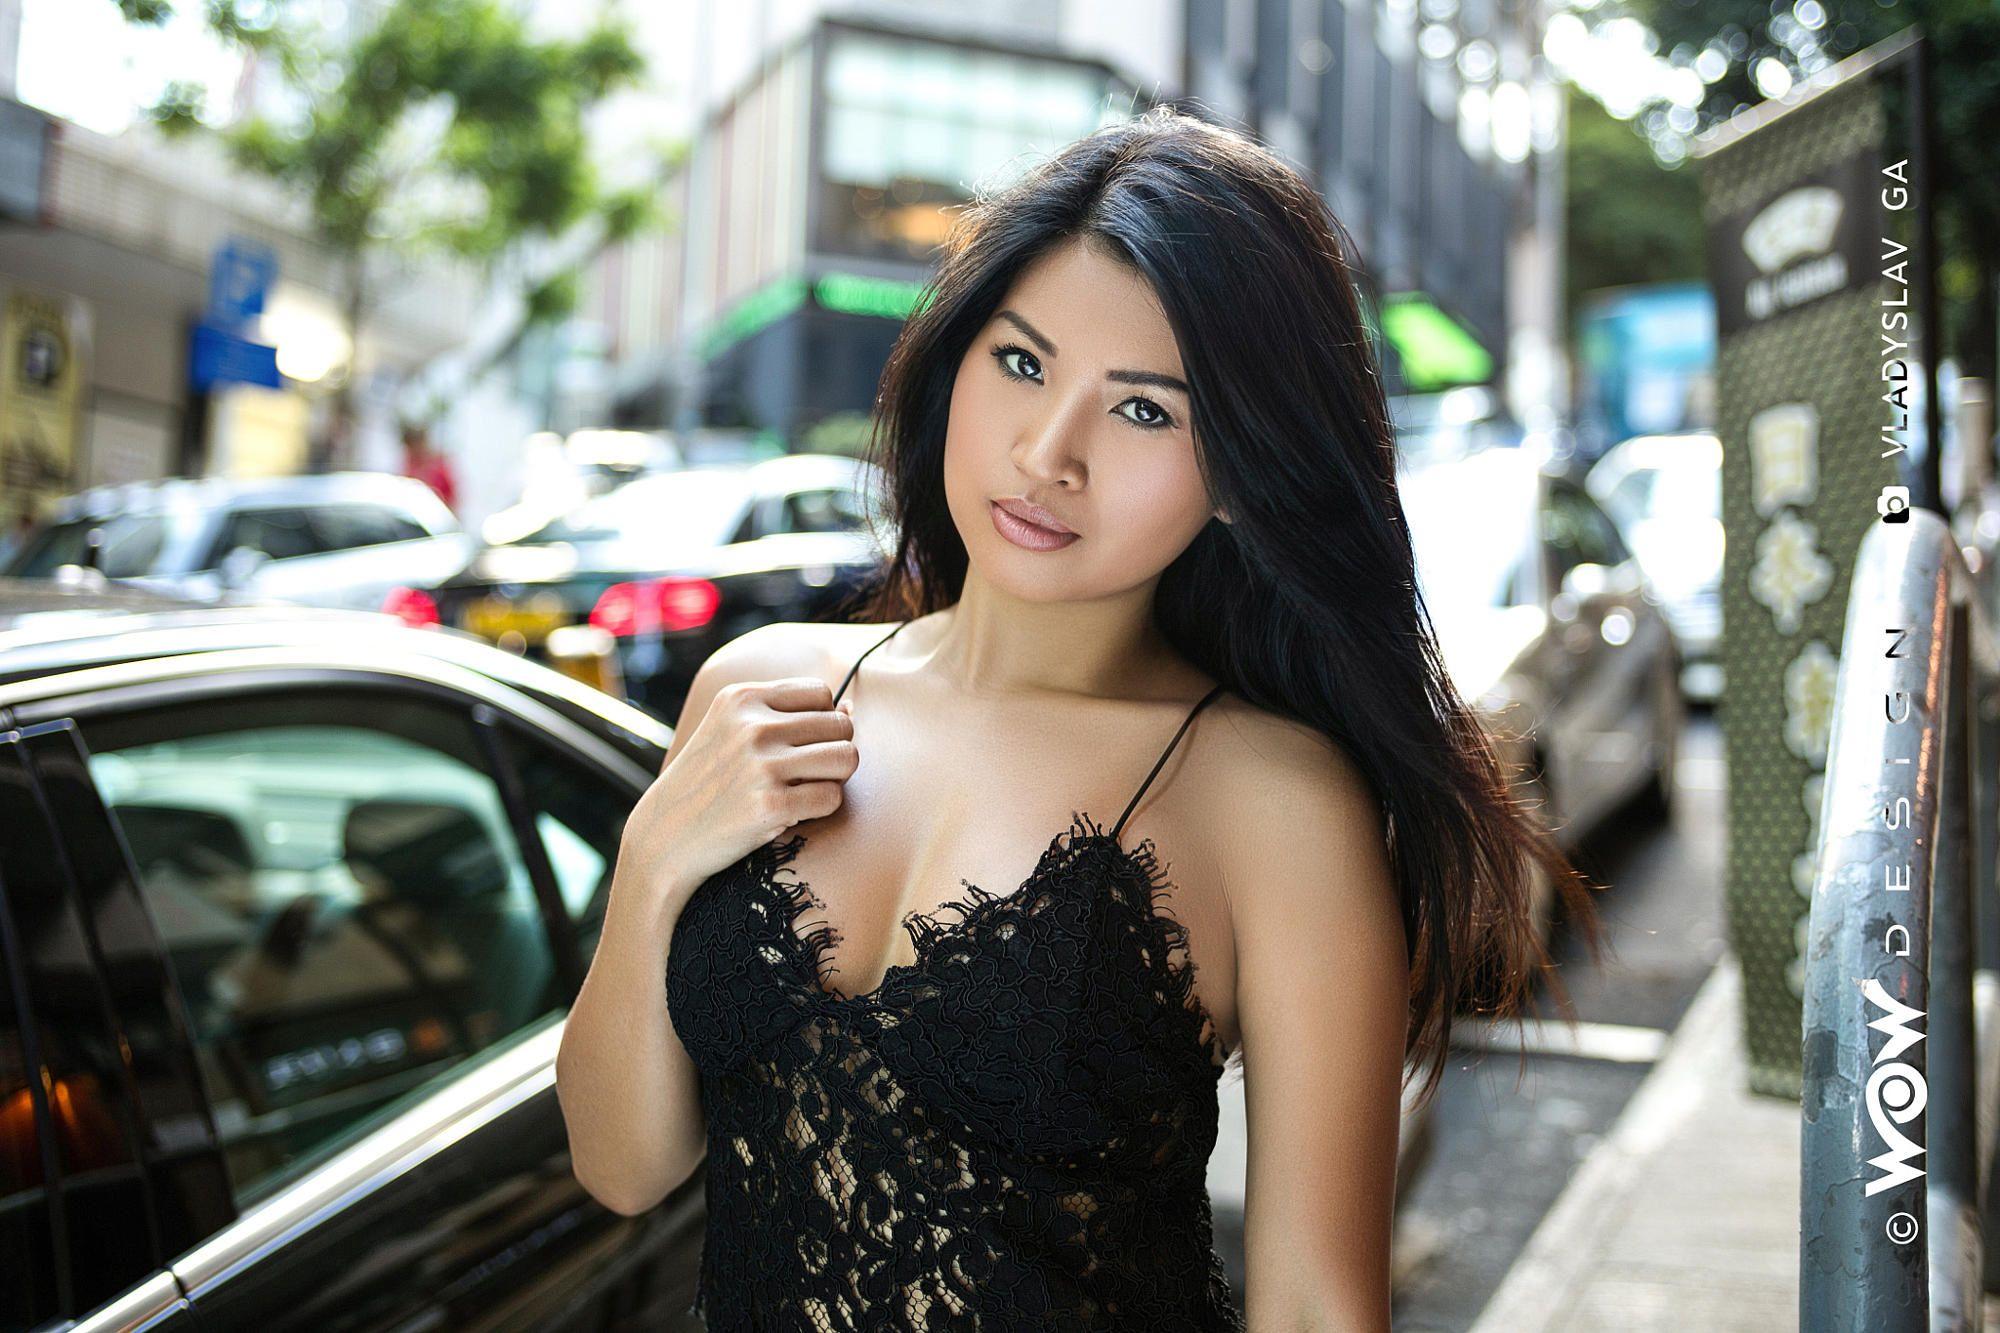 Download Hong Kong Sexy Beautiful Cute Girl In Bikini Fashion Wallpaper Hq Free Uploaded By